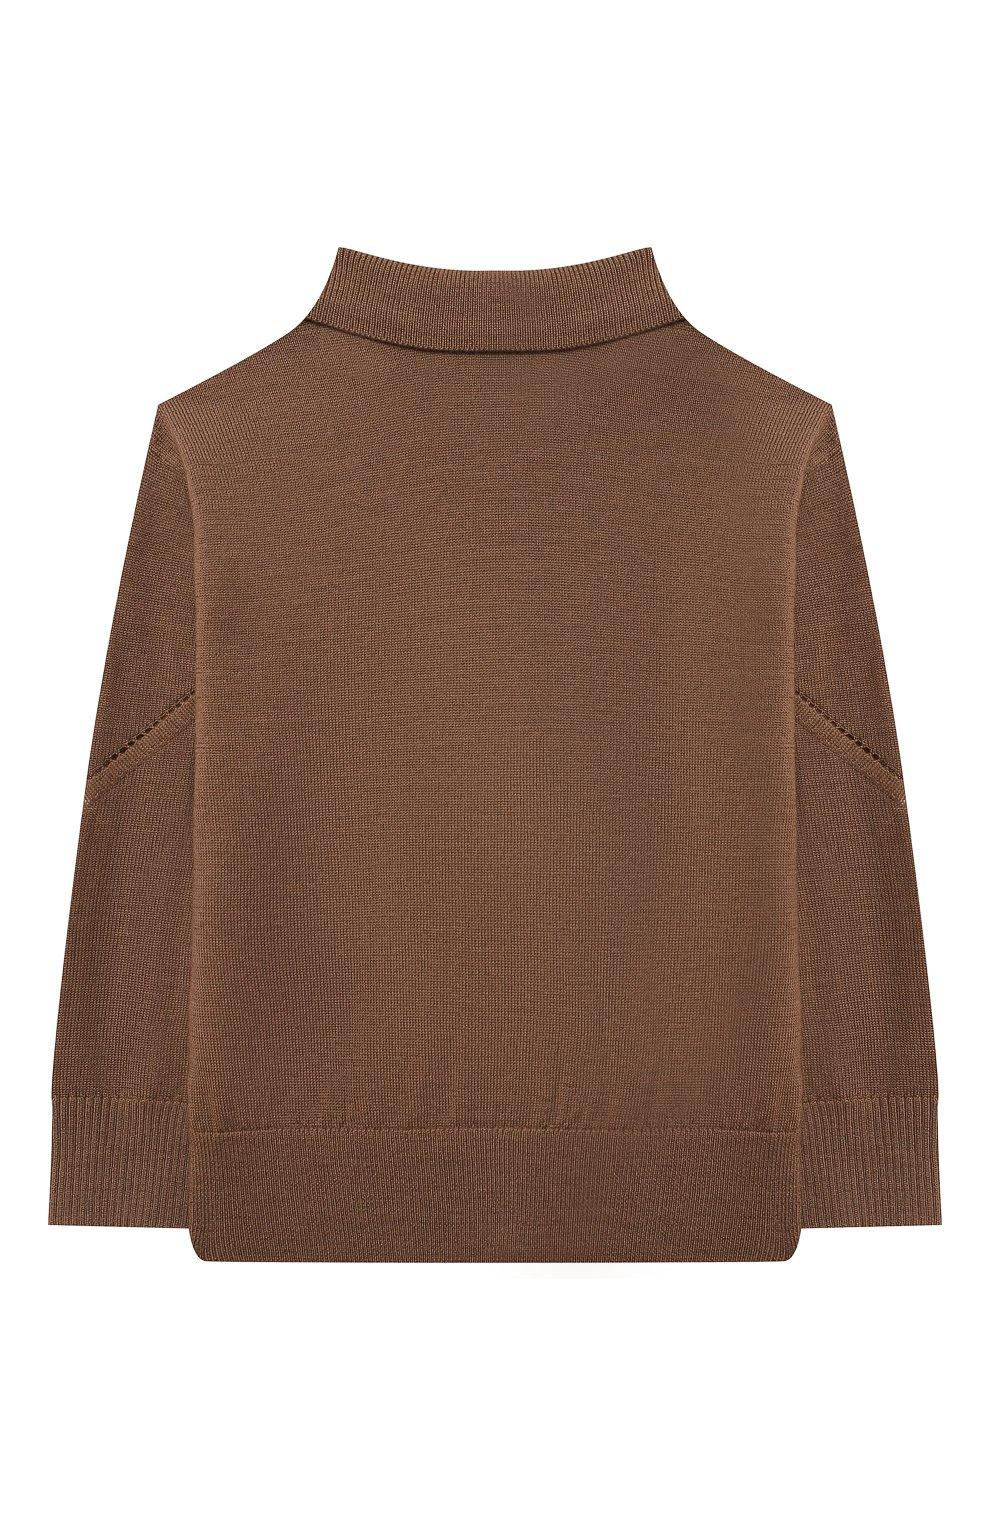 Детский шерстяной кардиган BURBERRY коричневого цвета, арт. 8036448 | Фото 2 (Материал внешний: Шерсть; Рукава: Длинные; Ростовка одежда: 12 мес | 80 см, 18 мес | 86 см, 24 мес | 92 см)